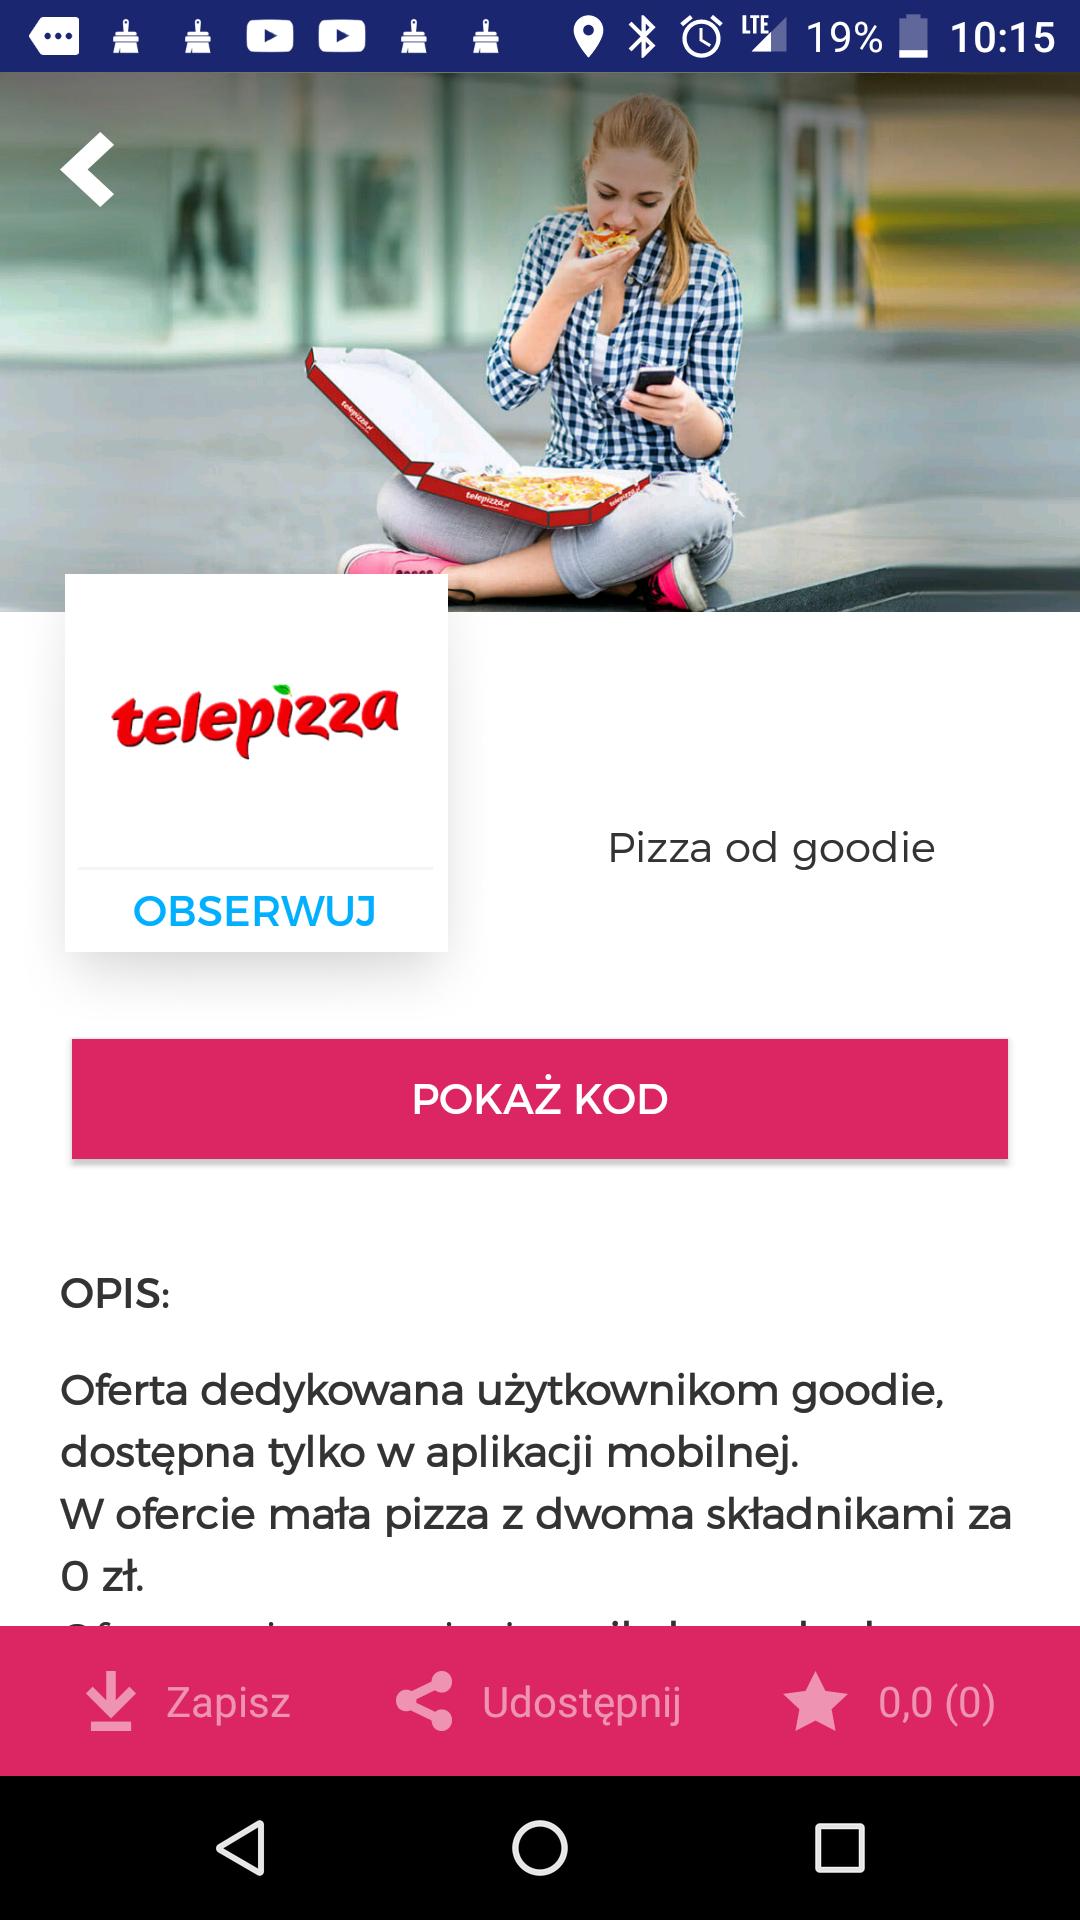 Mała pizza z dwoma składnikami za darmo. @Telepizza